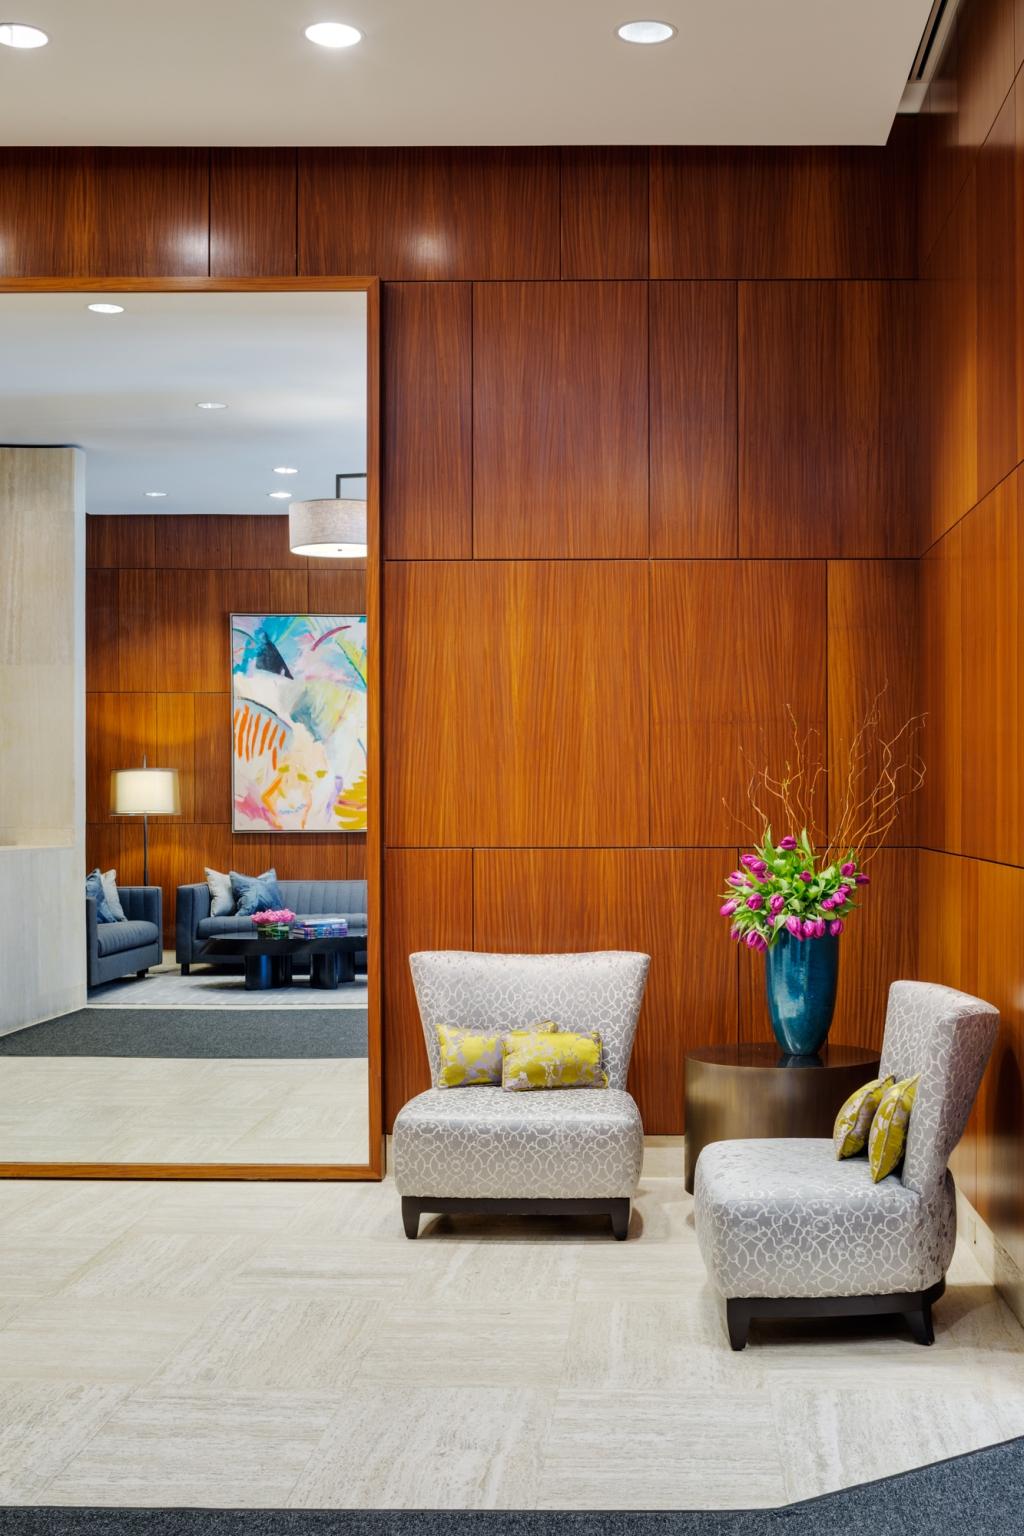 Atelier 505 condominiums